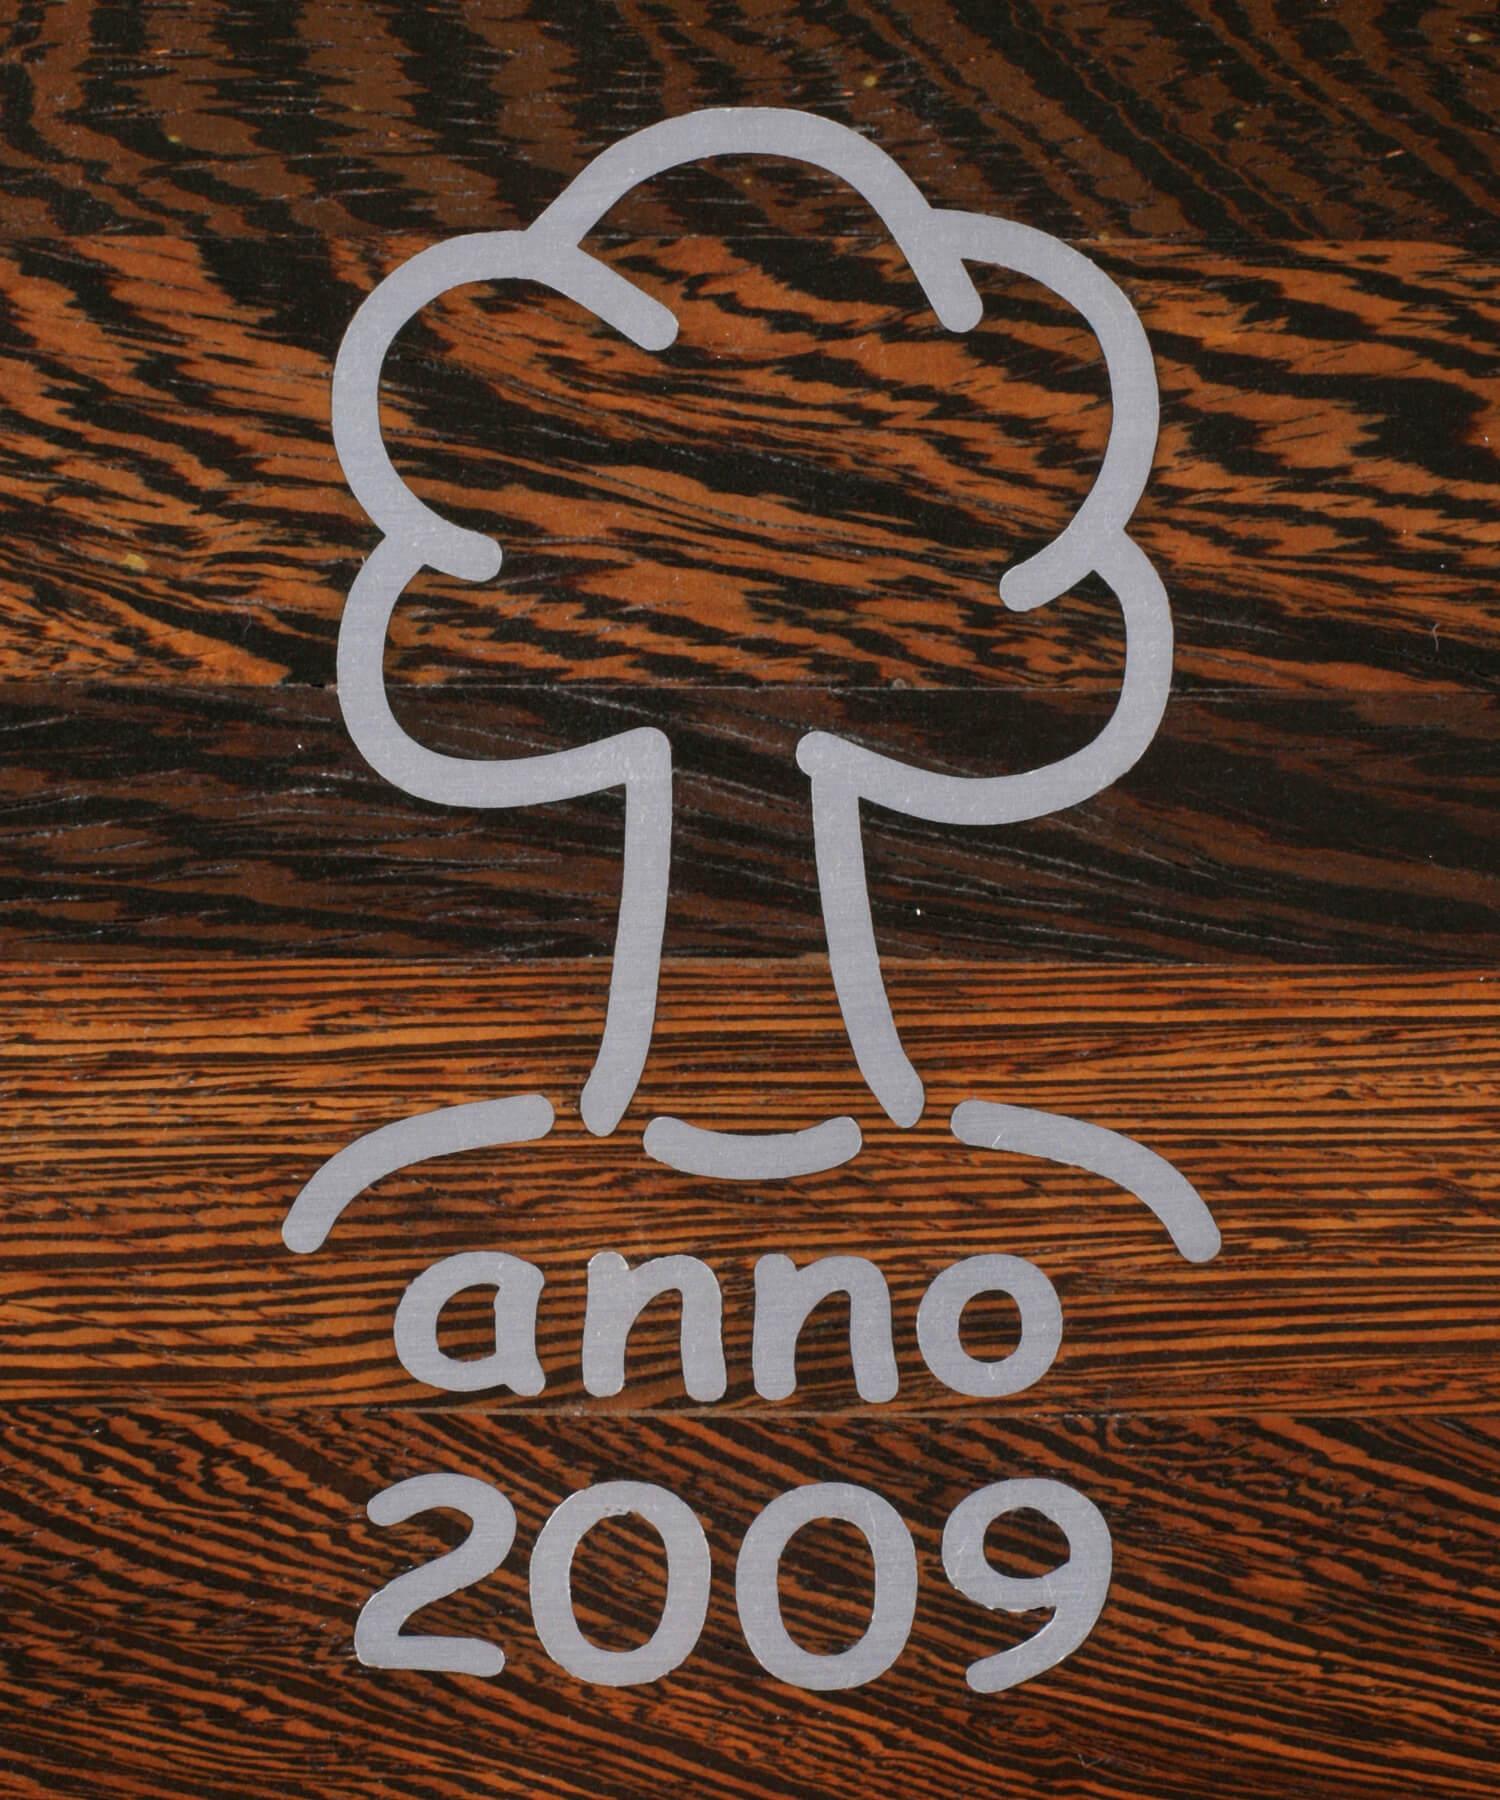 STREGER-Massivholztreppen-Intarsien-anno-2009